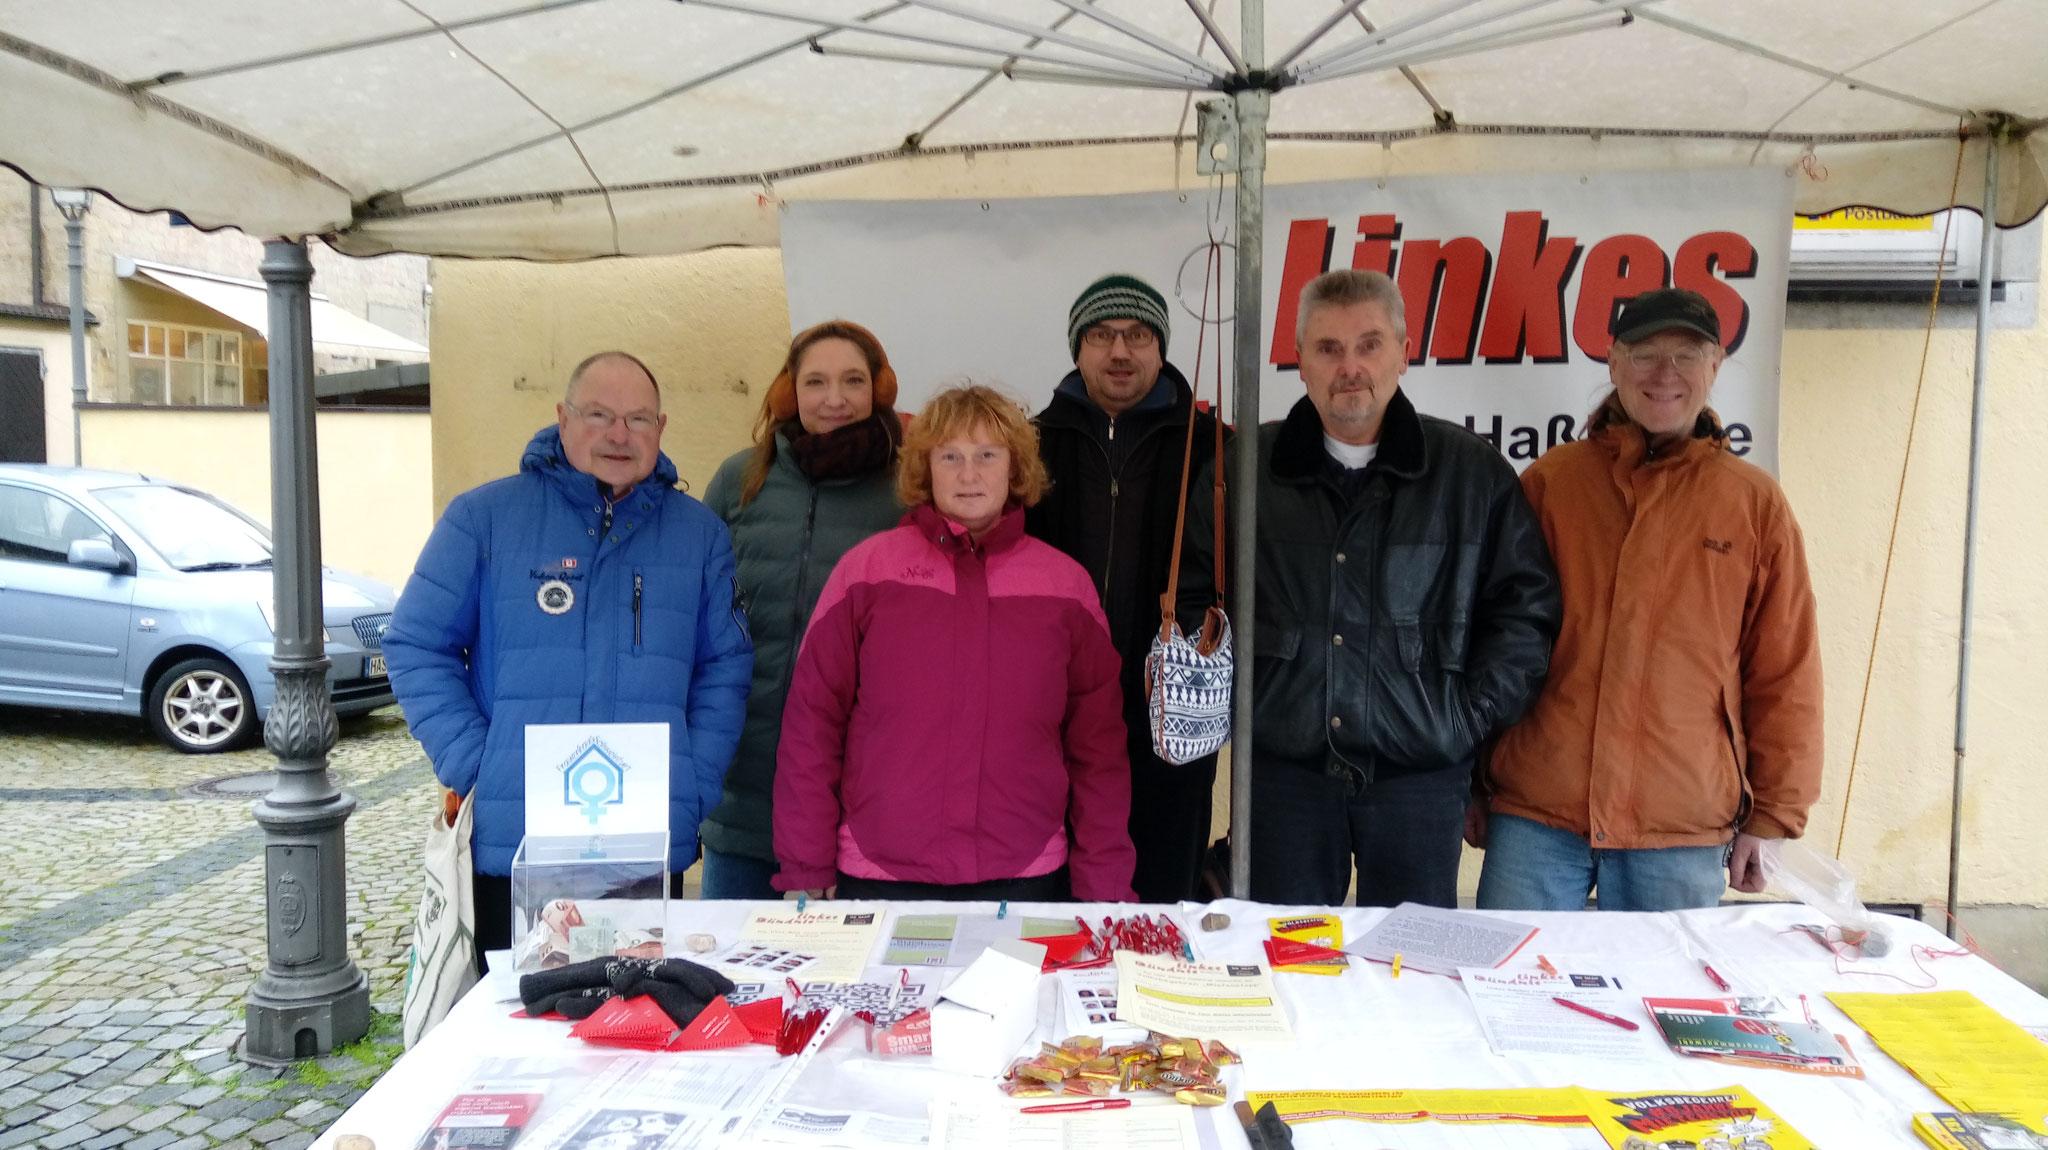 13.12.2019: Infostand in Haßfurt, v.l.n.r. Rudolf Schmachtenberger, Petra Tempert, Sabine Schmidt, Manfred Landig, Thomas Dietzel, Ernst Hümmer